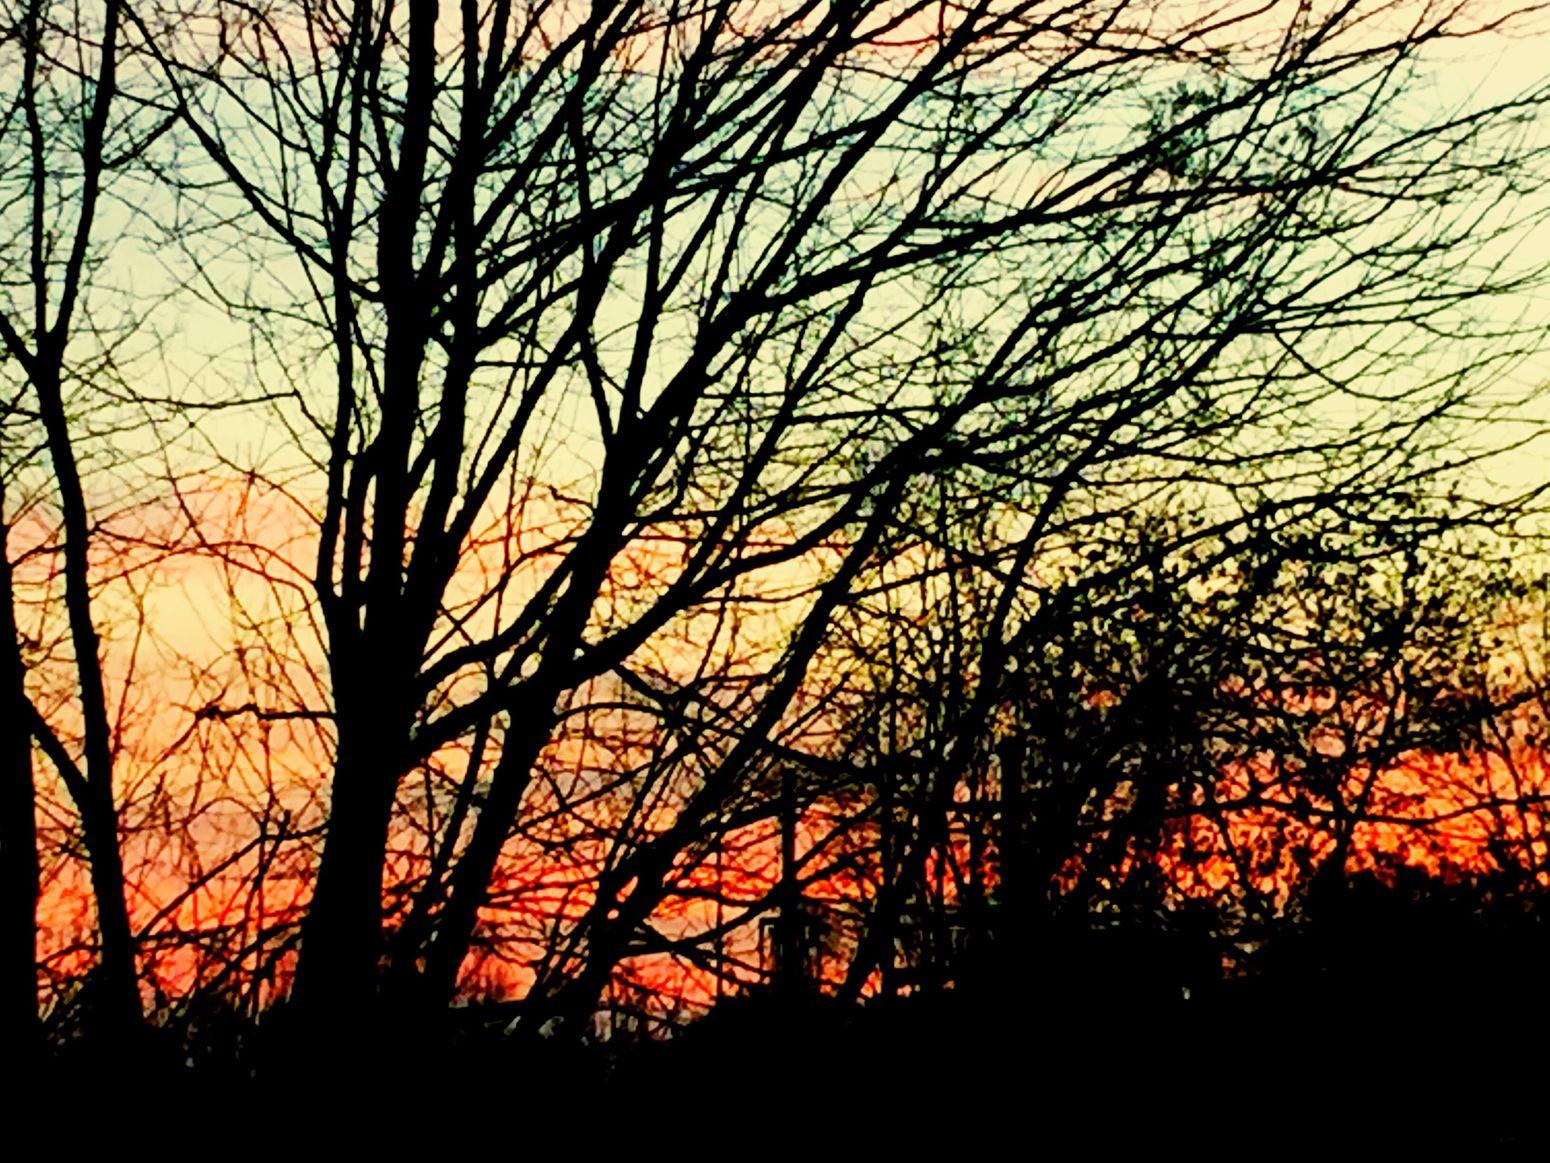 Groviglio di rami - Lodi, gennaio 2016 Trees Branches Landscape Plain Italy Lodi Sunset Alberi Rami Paesaggio Pianura Tramonto